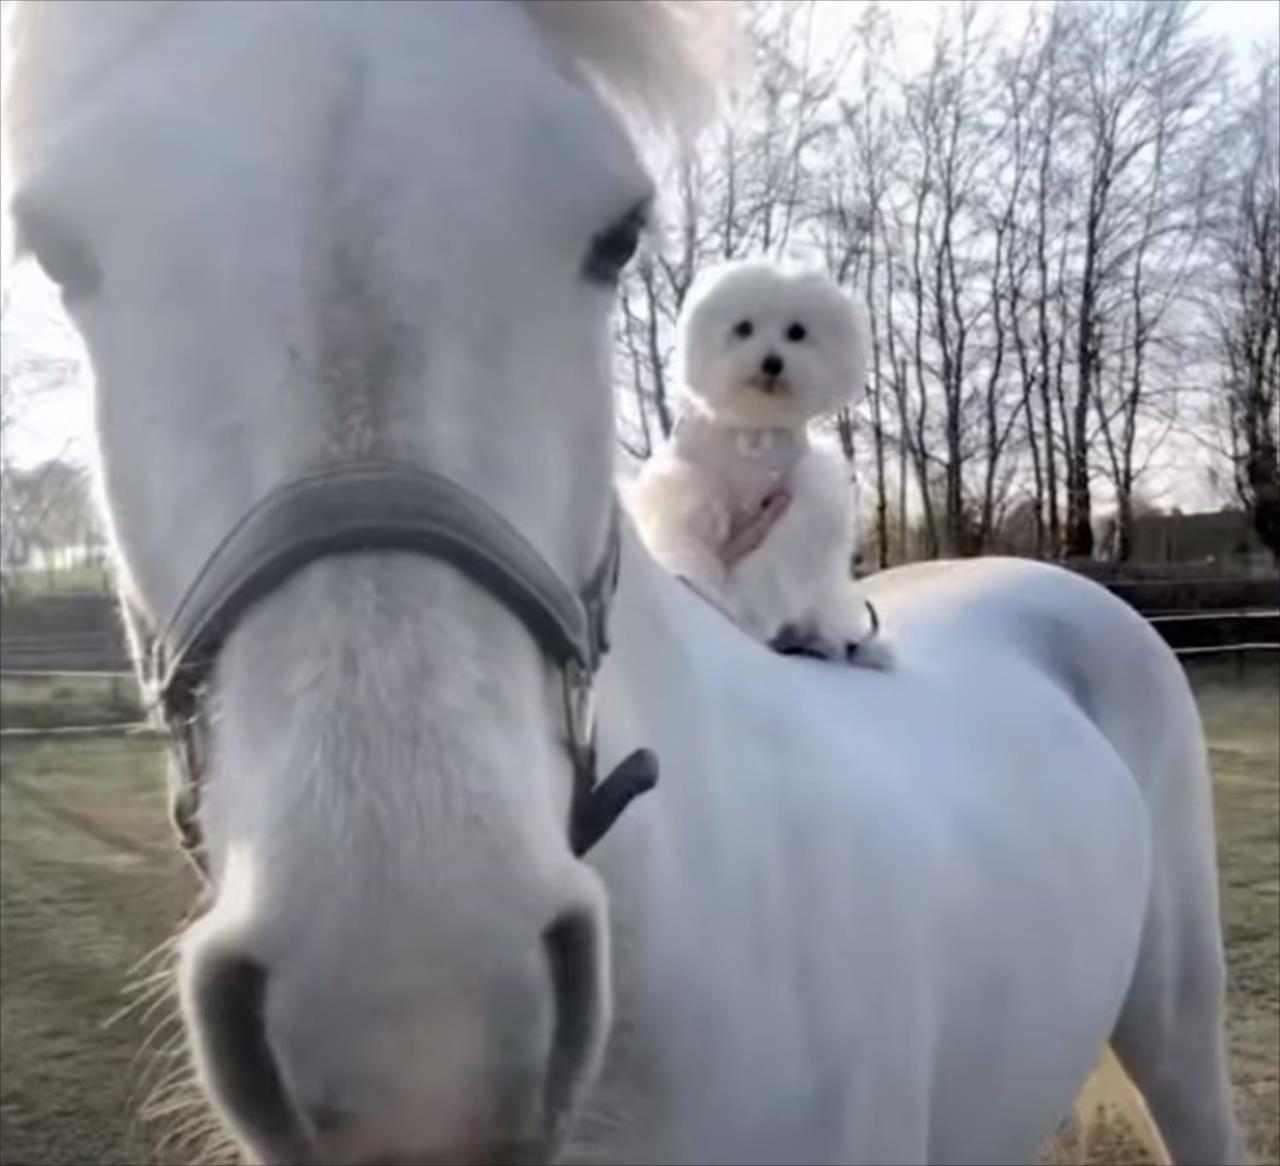 長年育んだ異種の友情で息がぴったり!騎手のように馬の背に乗るワンコがかわいい!